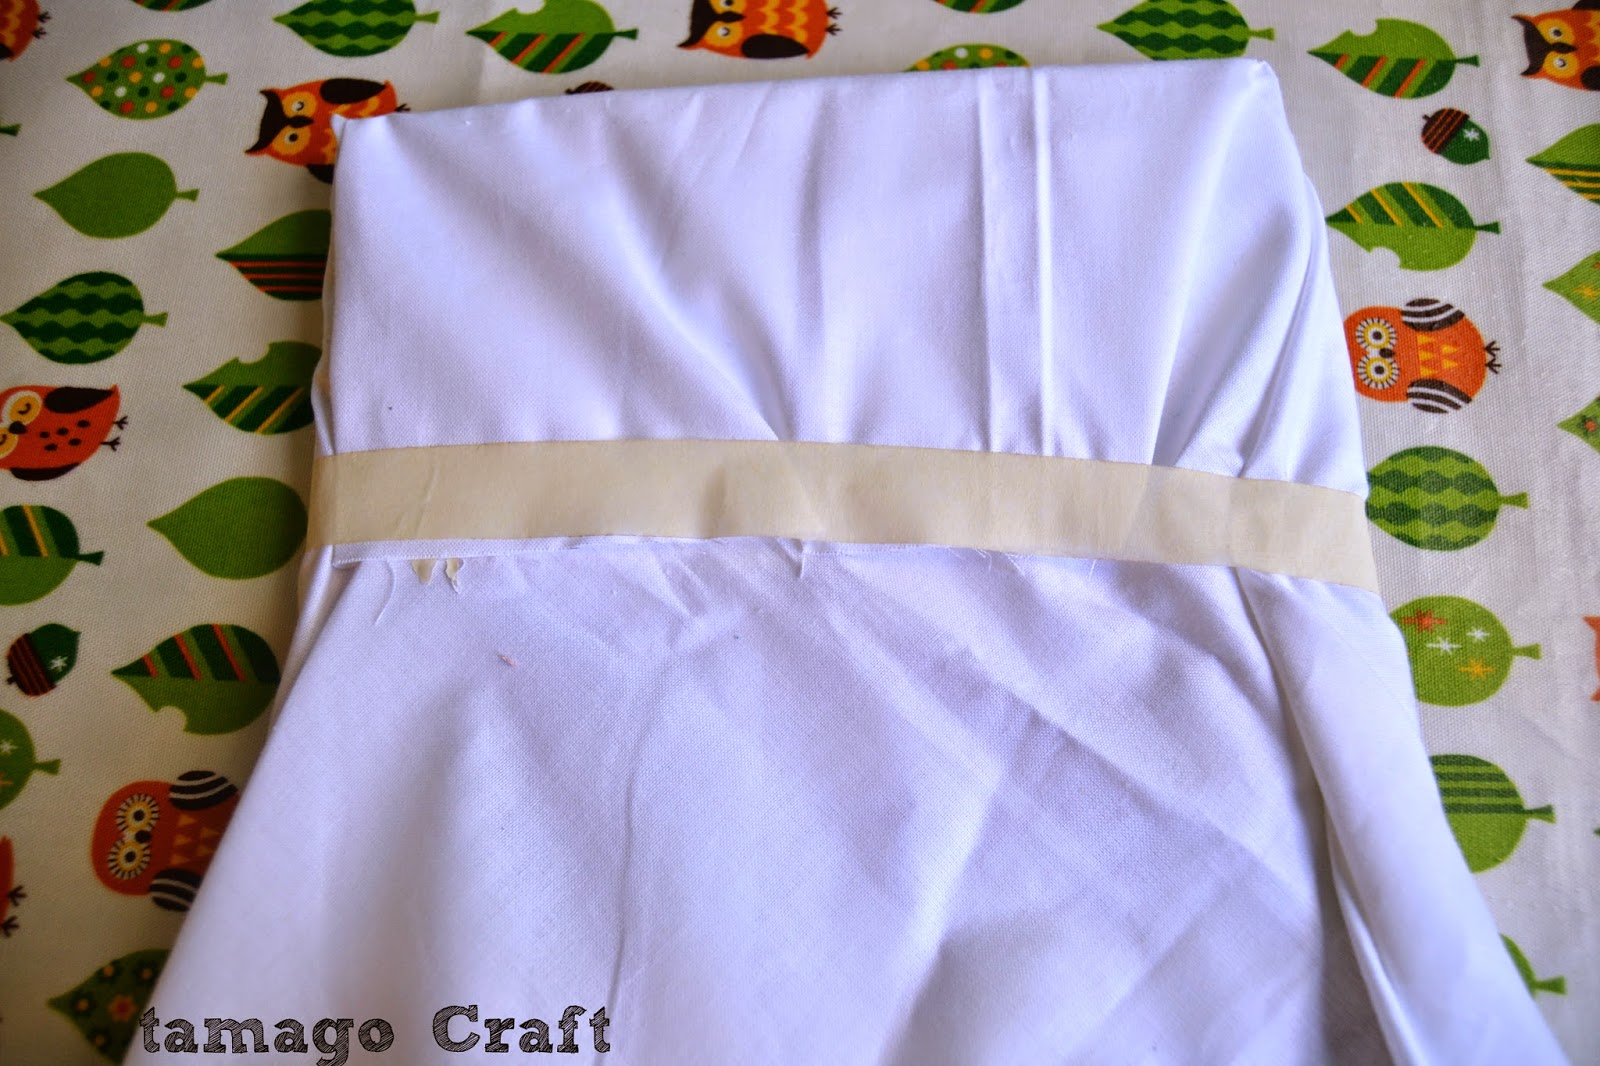 Tamago craft aprile 2014 - Foglio colore coniglietto pasquale ...